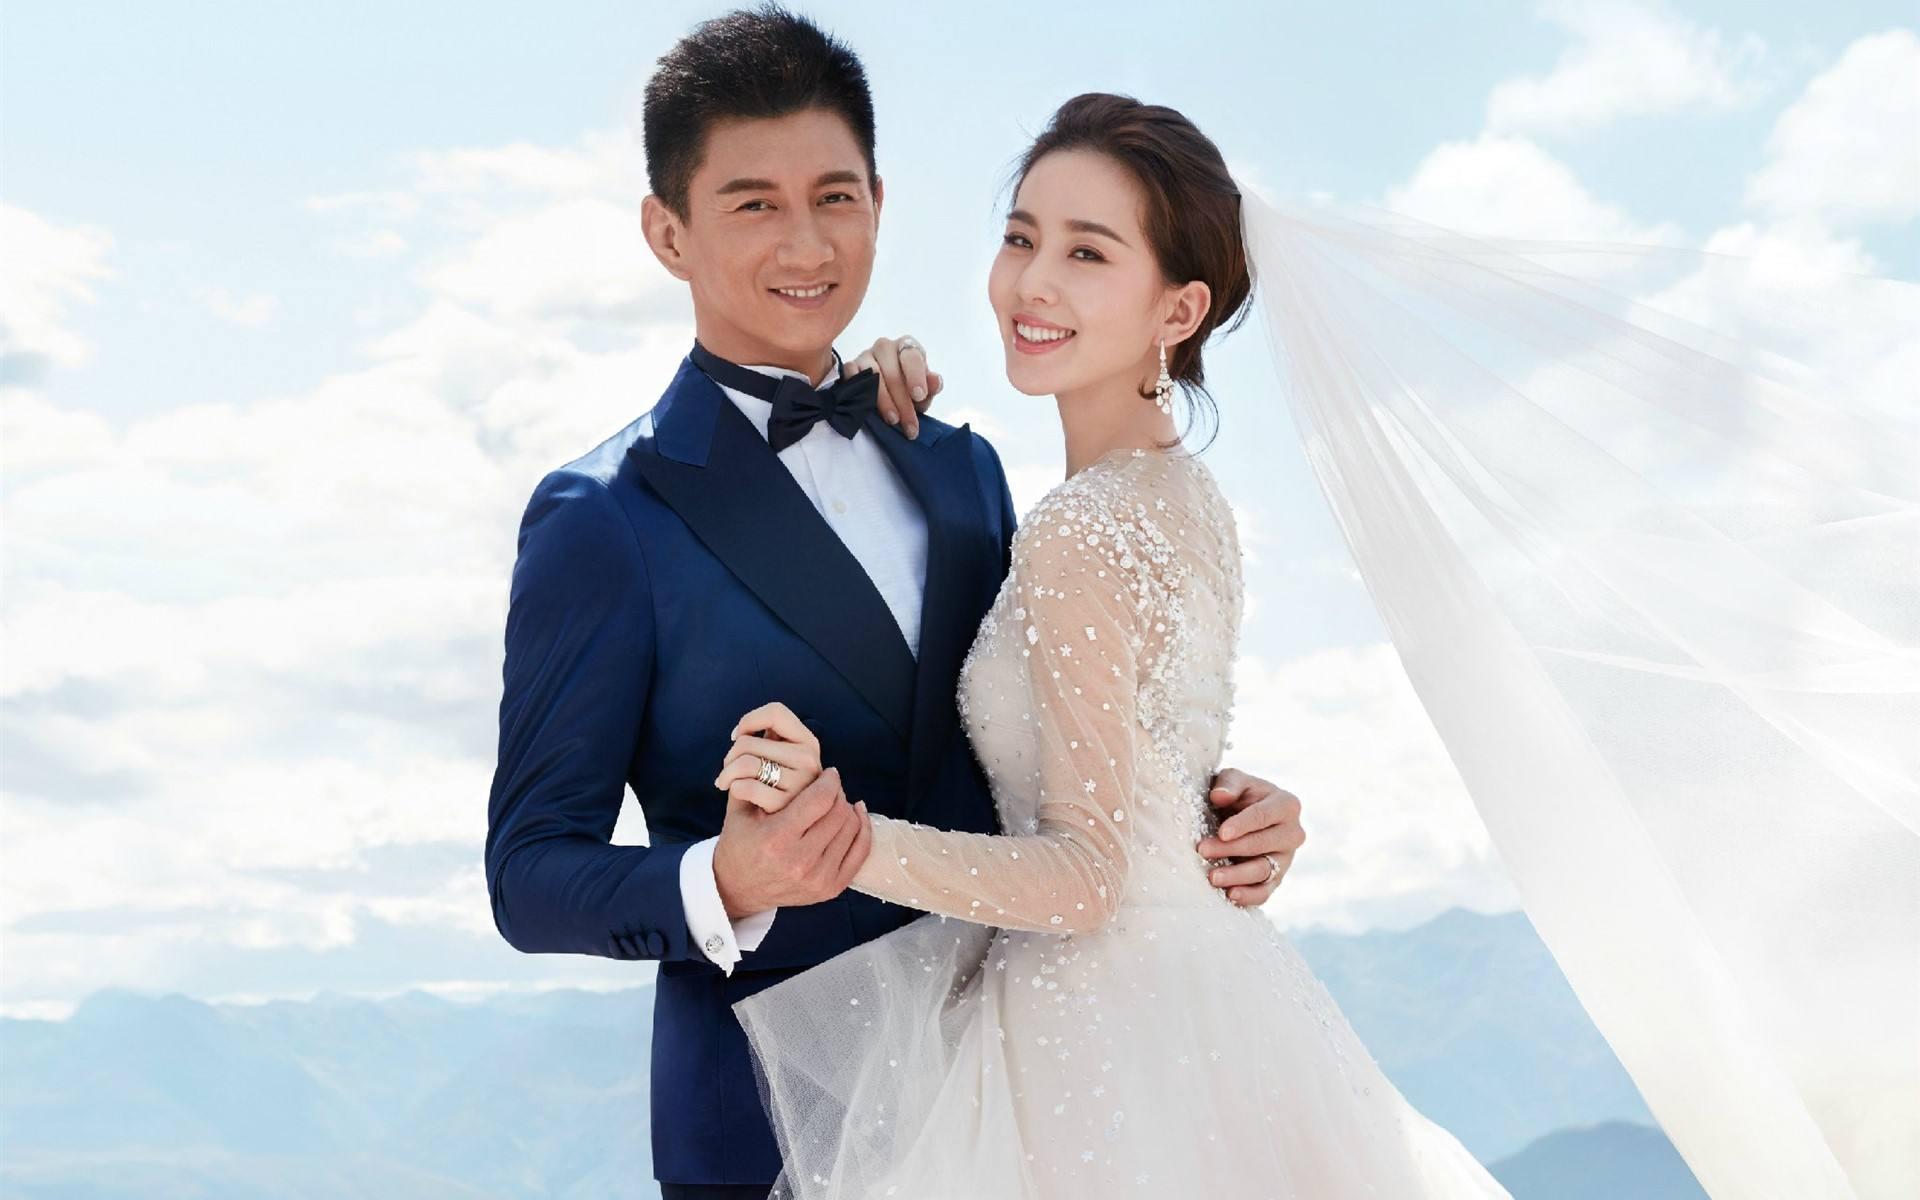 刘诗诗婚后生活低调:有吴奇隆在不怕没好吃的